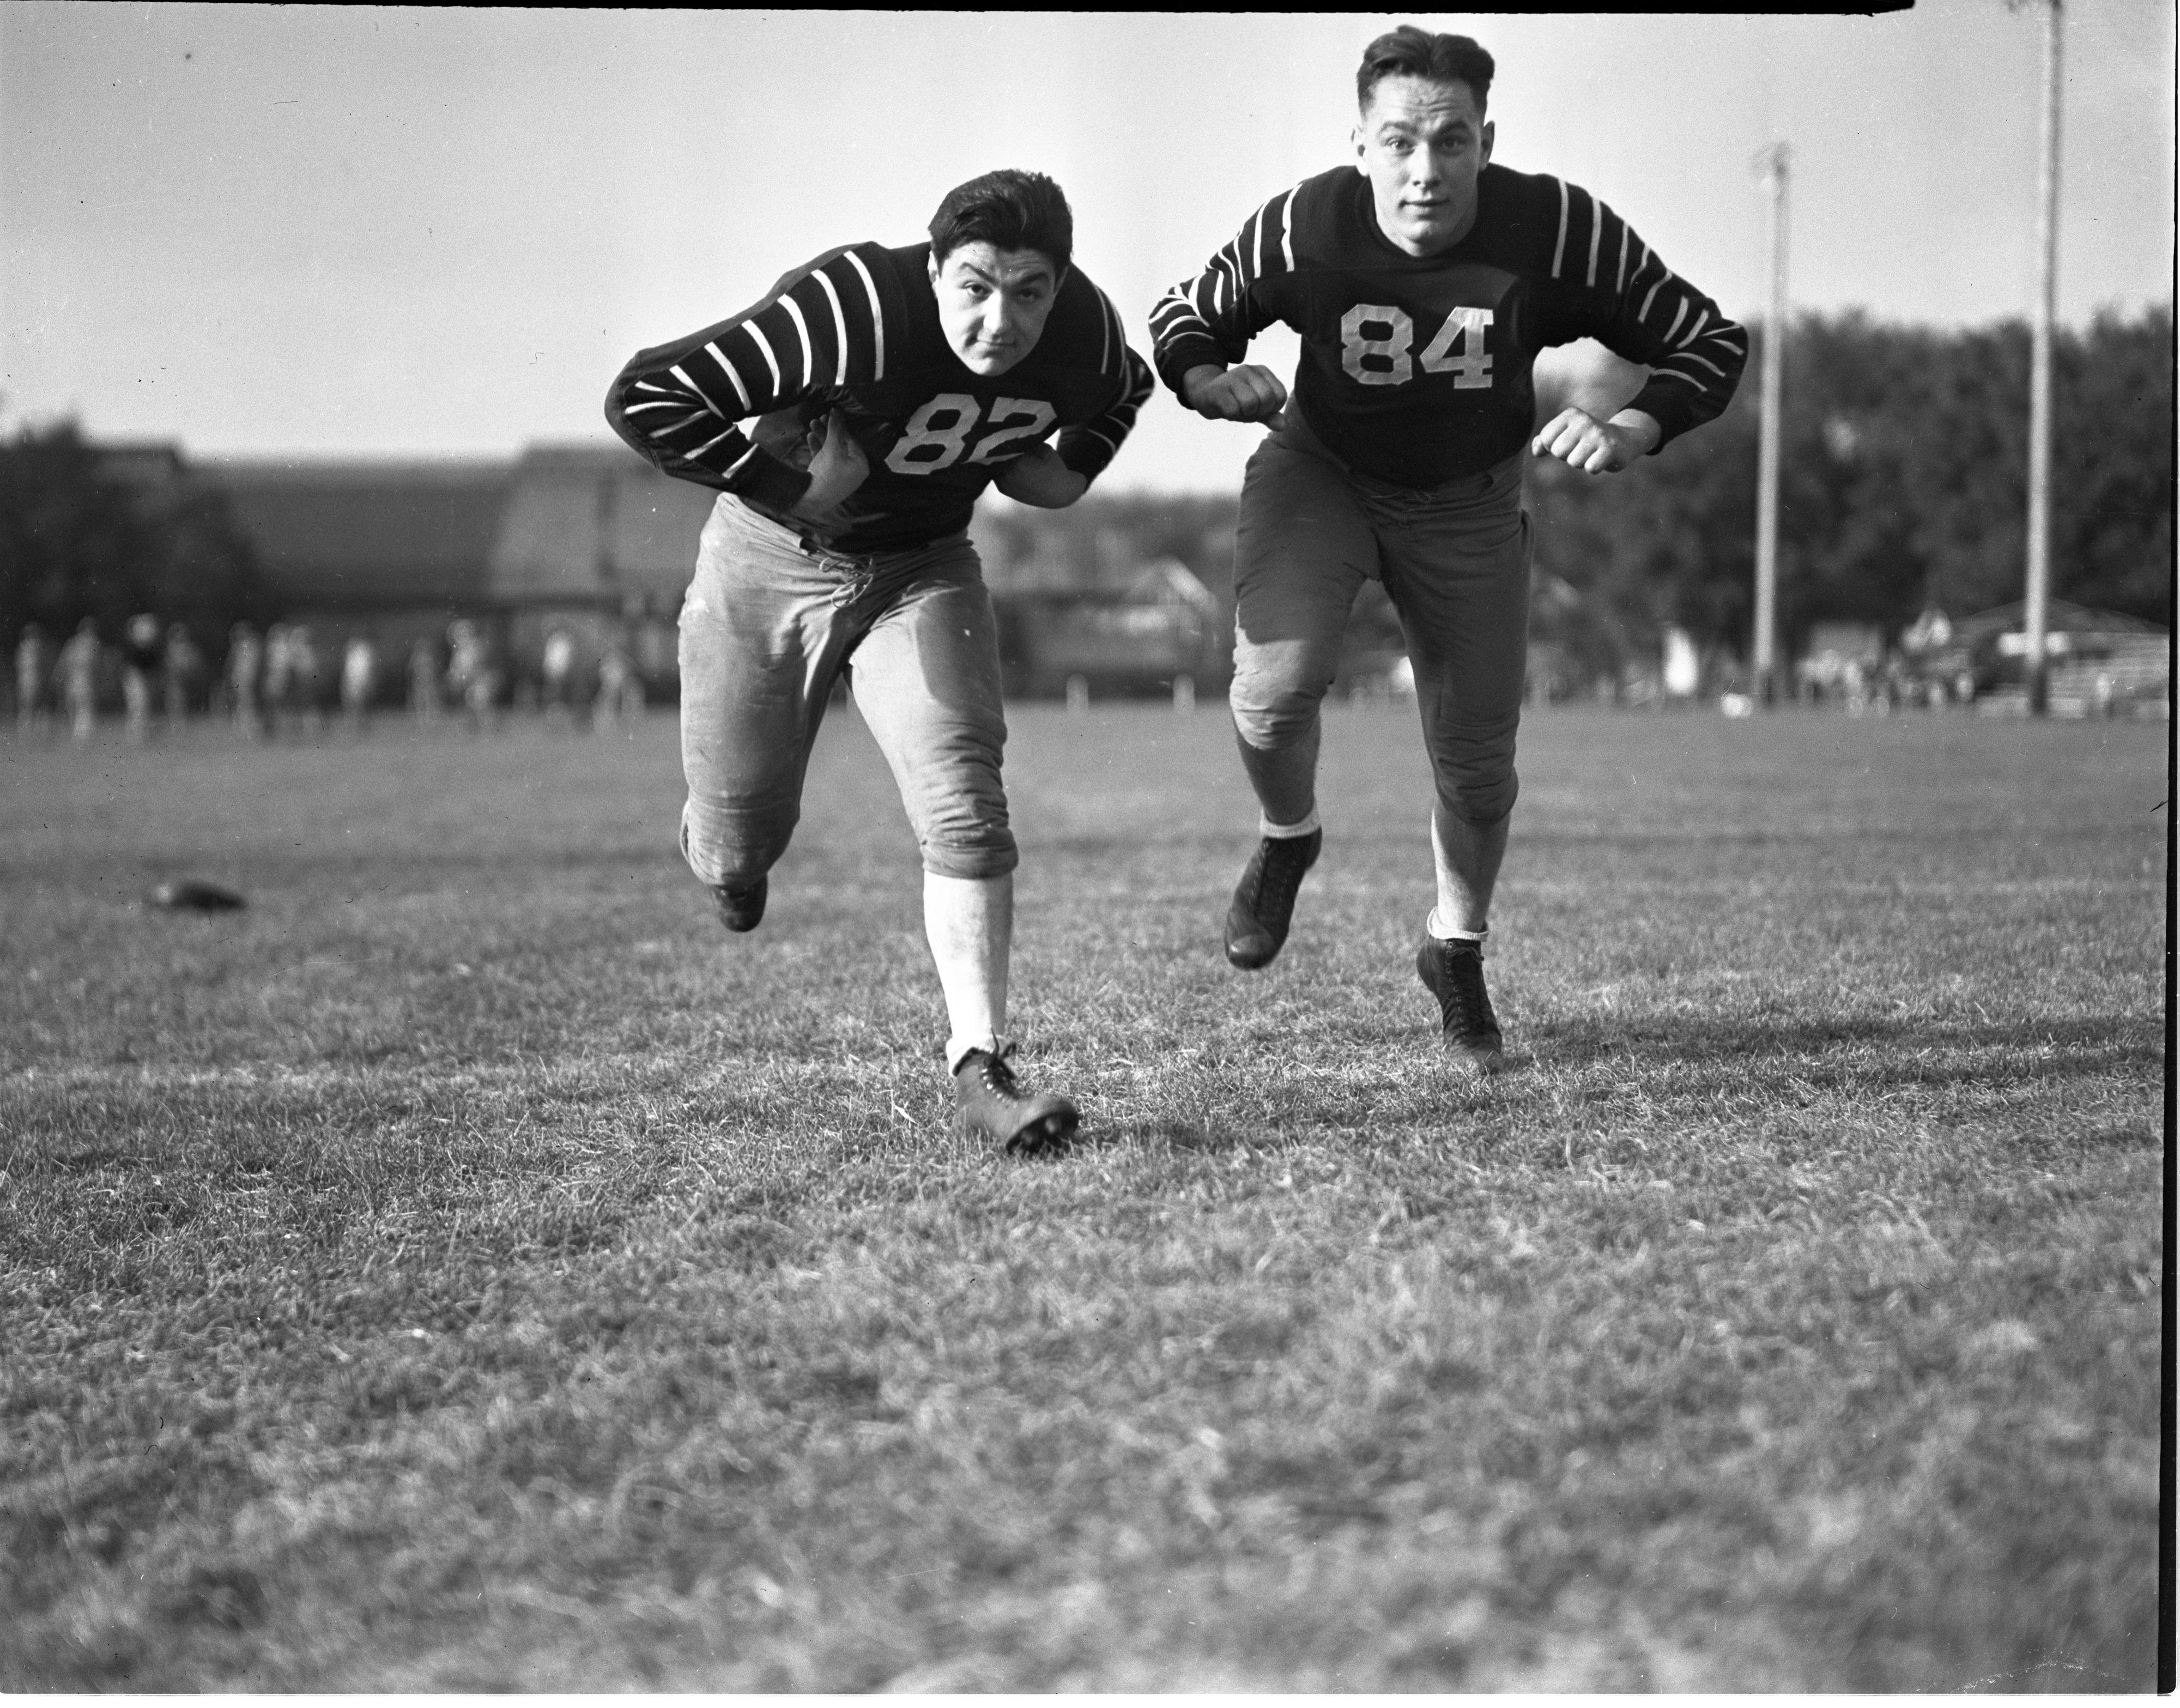 Image from Ann Arbor High School Football - Pete Kokenakes & Mike Dobransky, September 1938